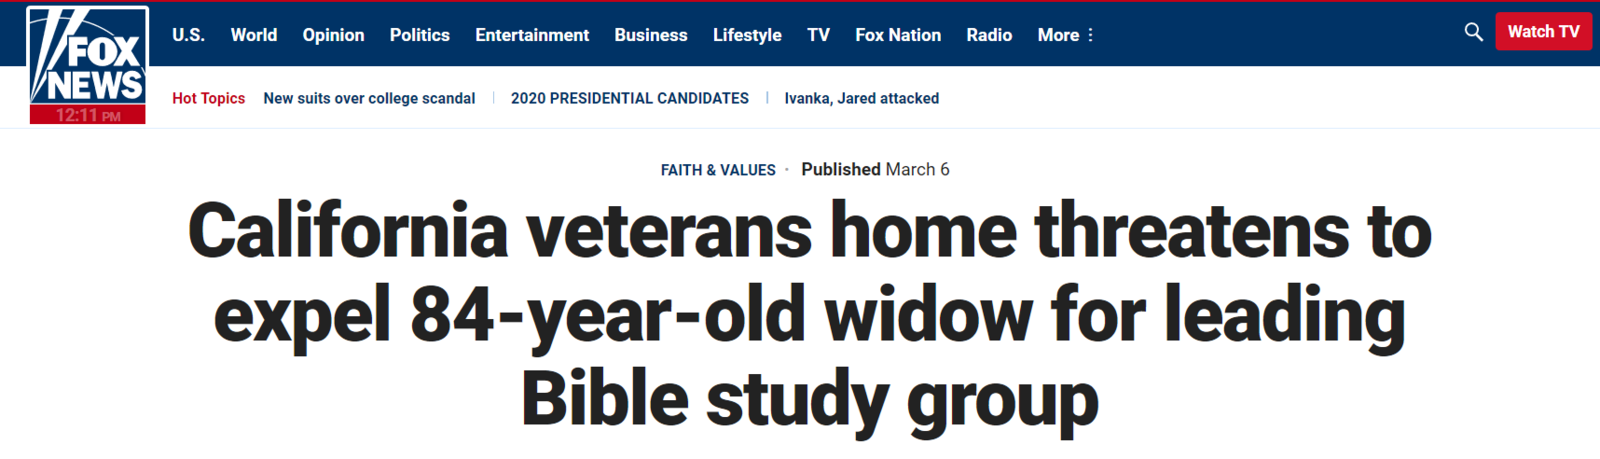 L'État veut expulser une dame de 84 ans parce qu'elle dispense des études bibliques au sein de sa maison de retraite !